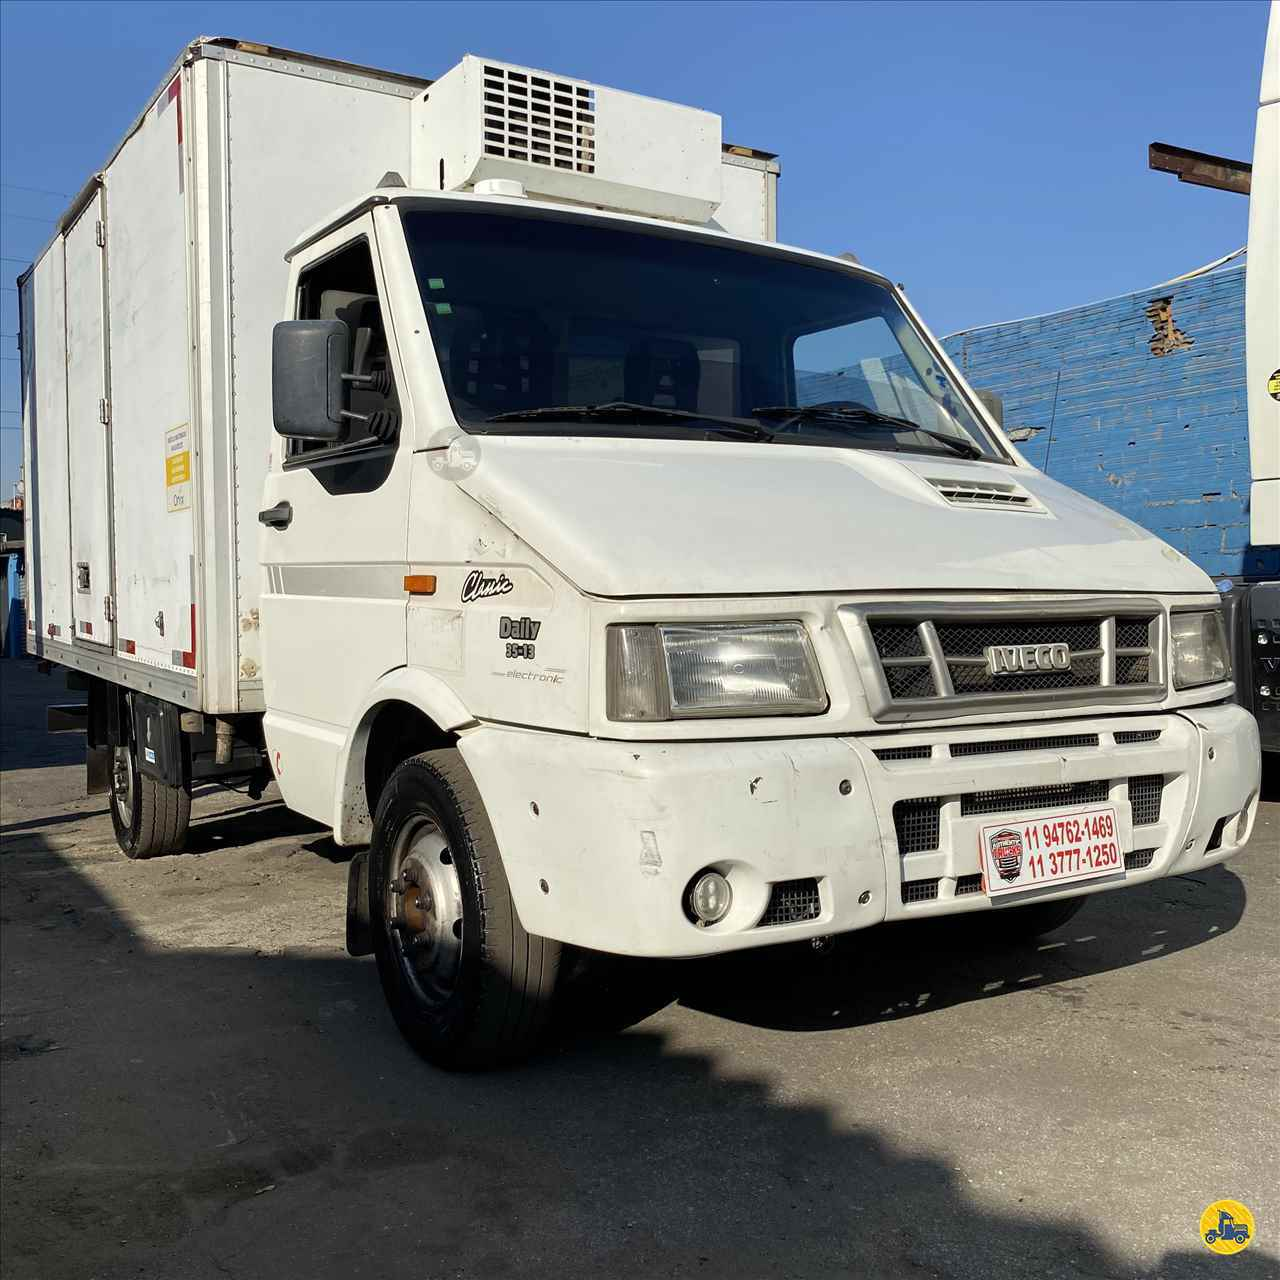 CAMINHAO IVECO DAILY FURGAO 35-13 Baú Furgão Toco 4x2 Authentic Trucks SAO PAULO SÃO PAULO SP